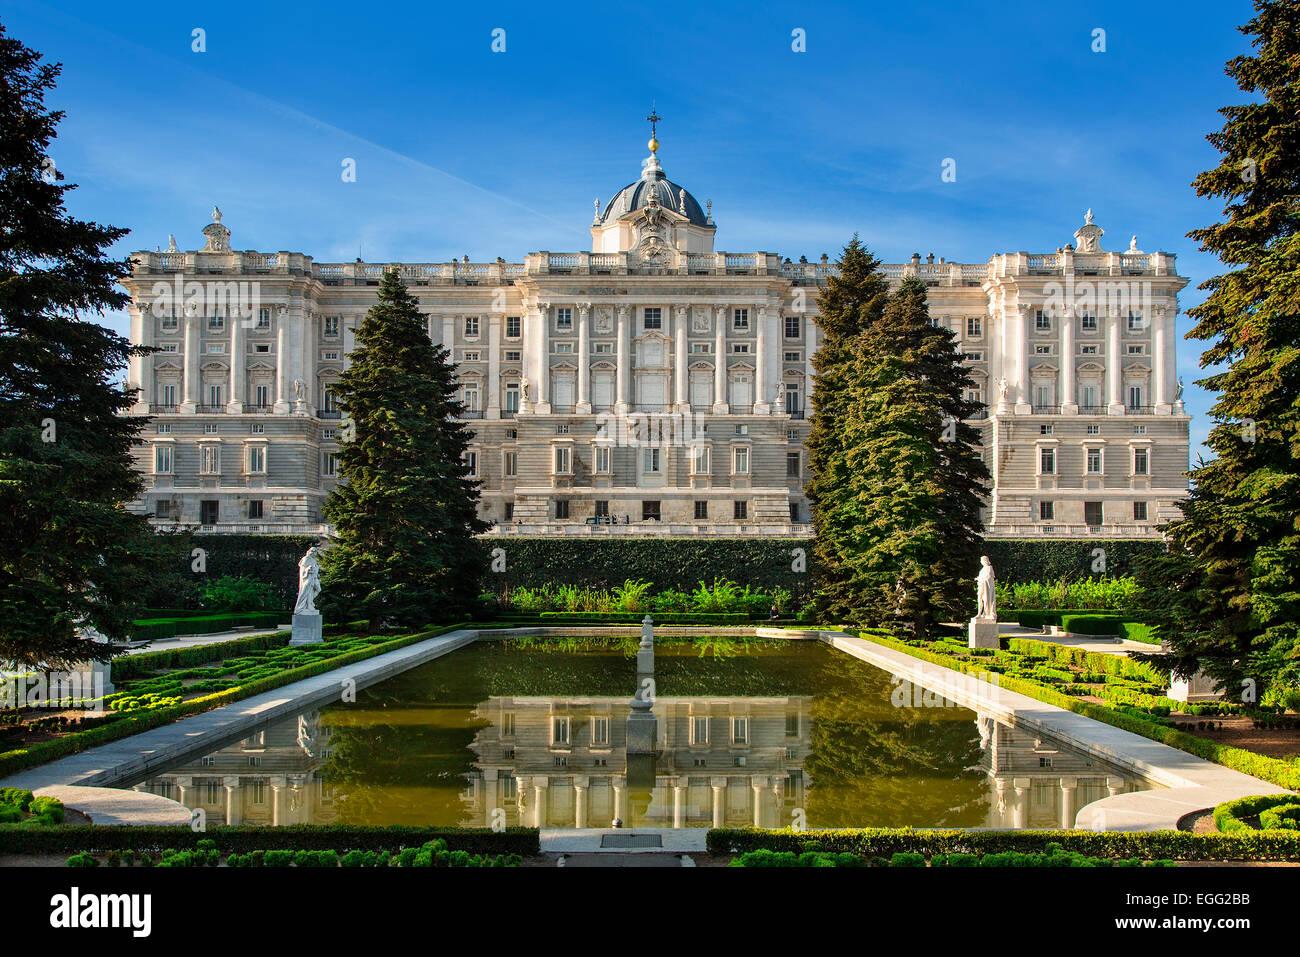 Madrid, Royal Palace (Palacio real) - Stock Image